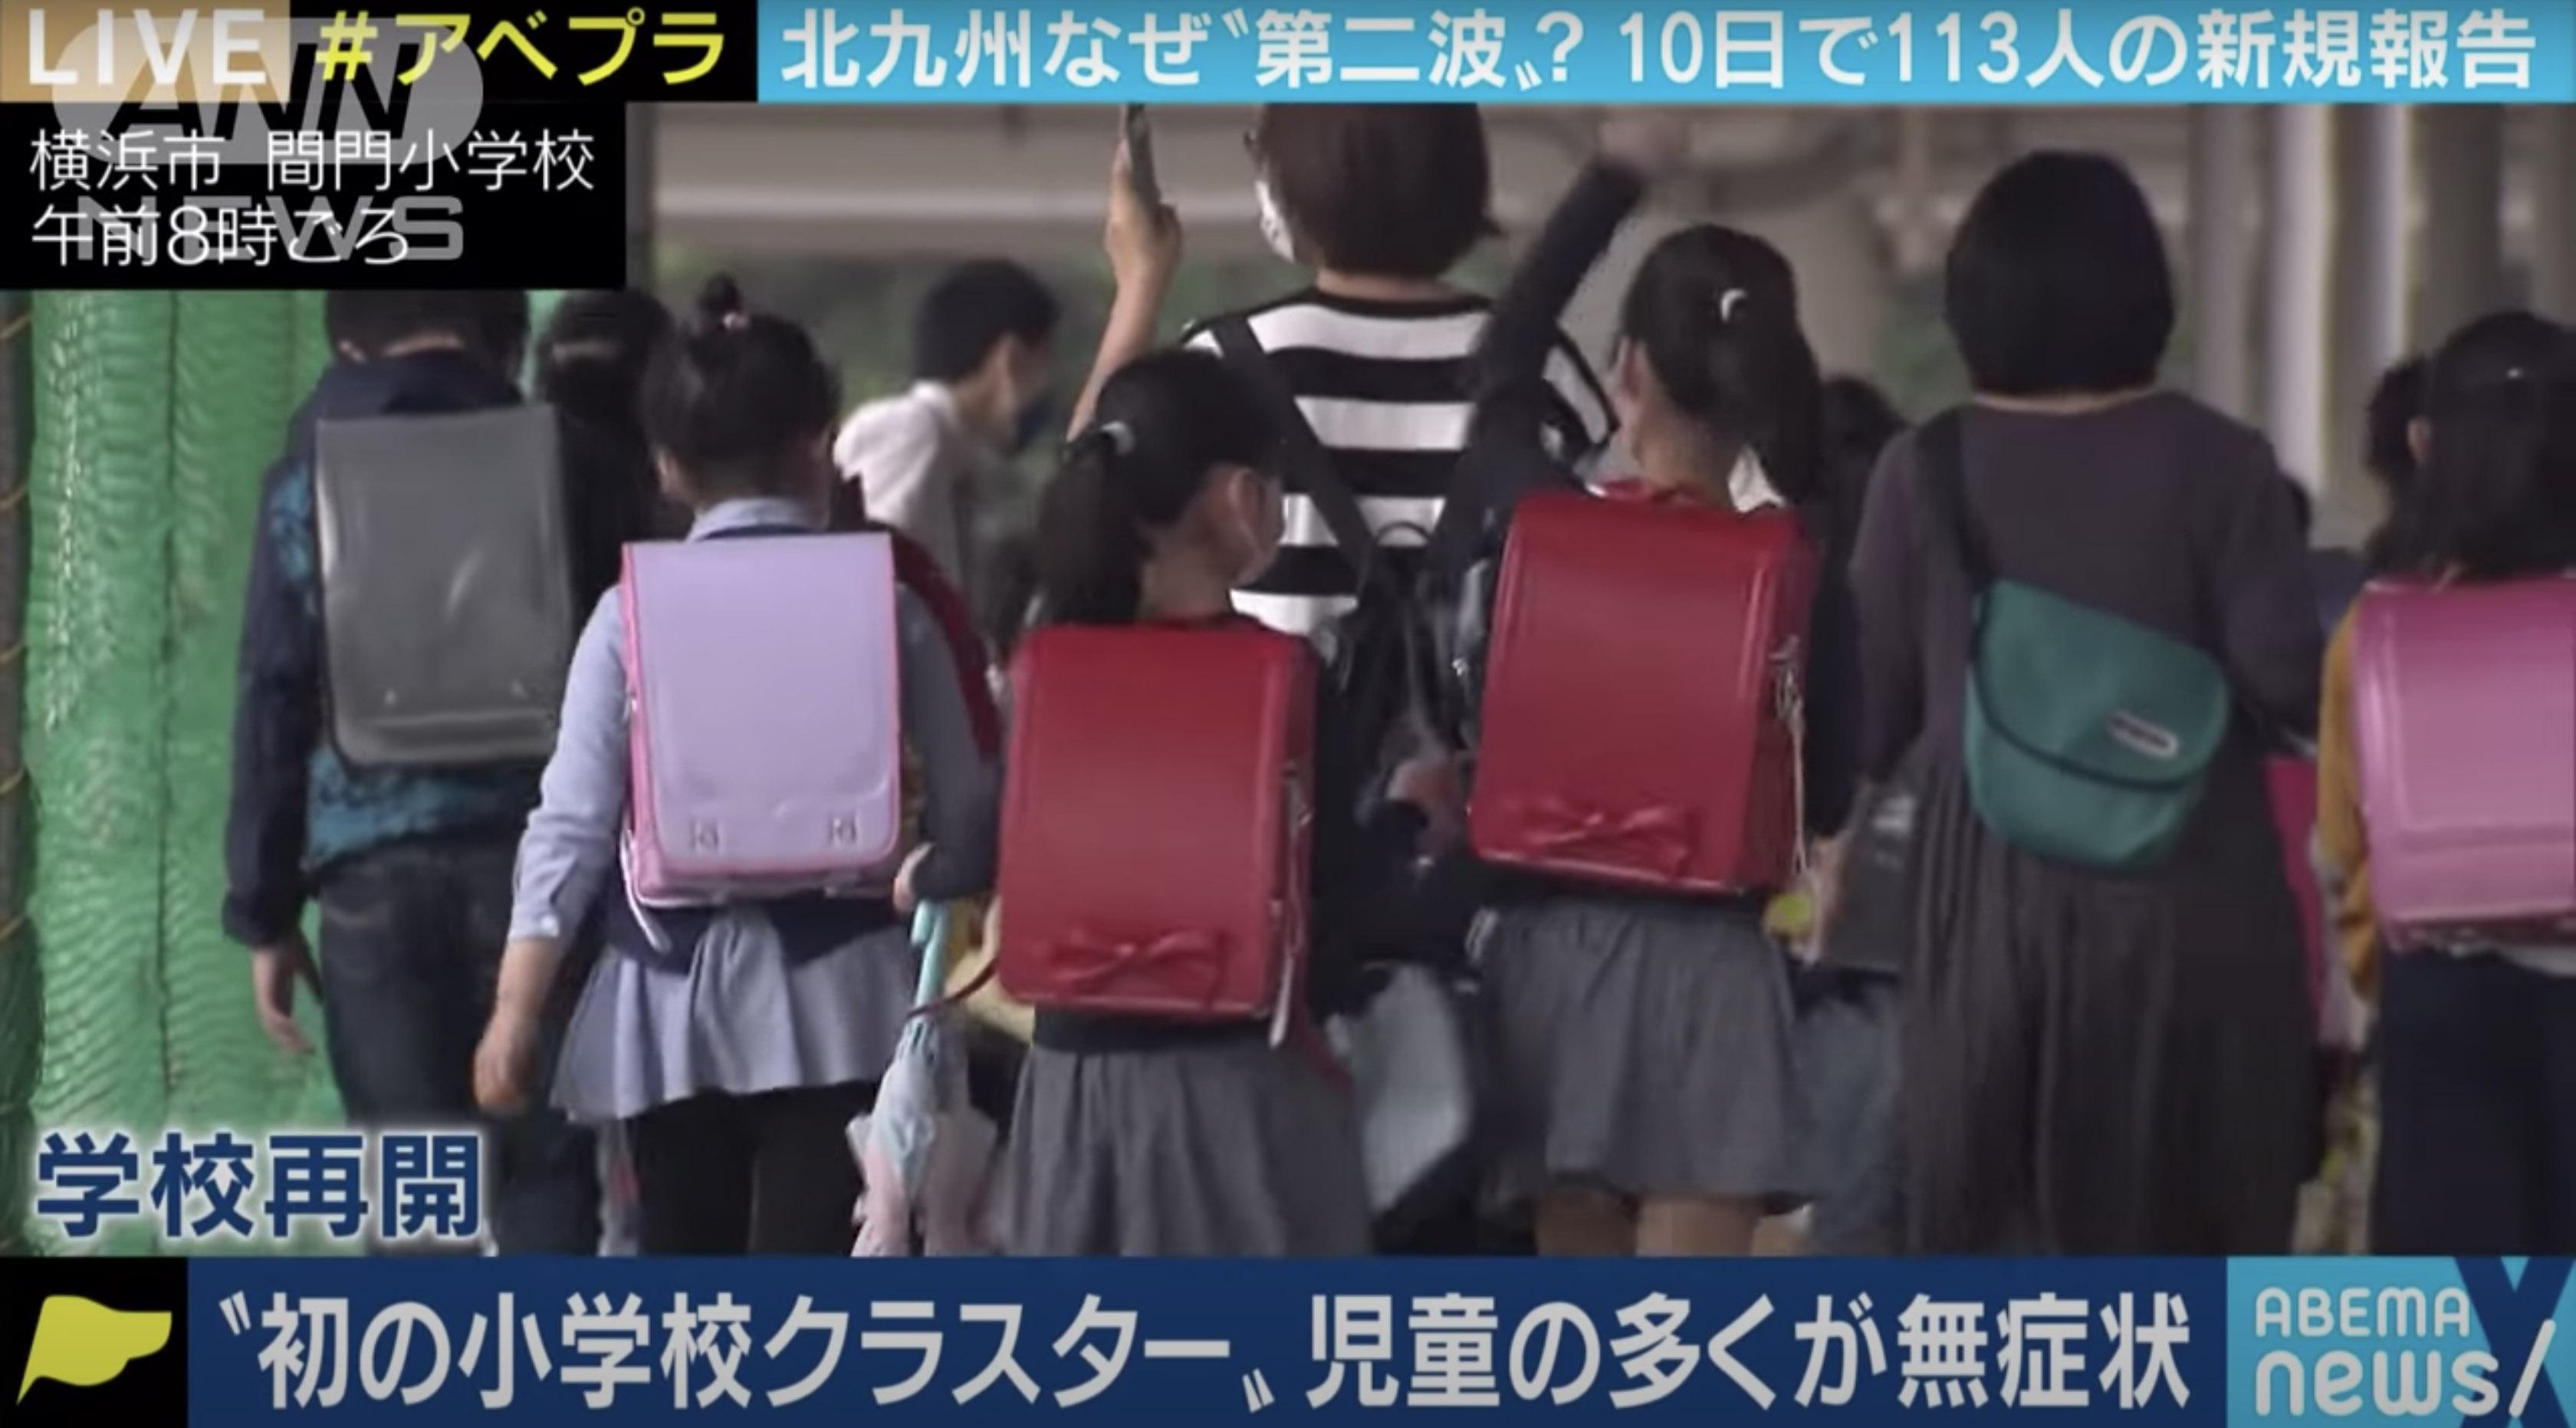 【全国的に学校再開】北九州ではクラスター発生 対策は